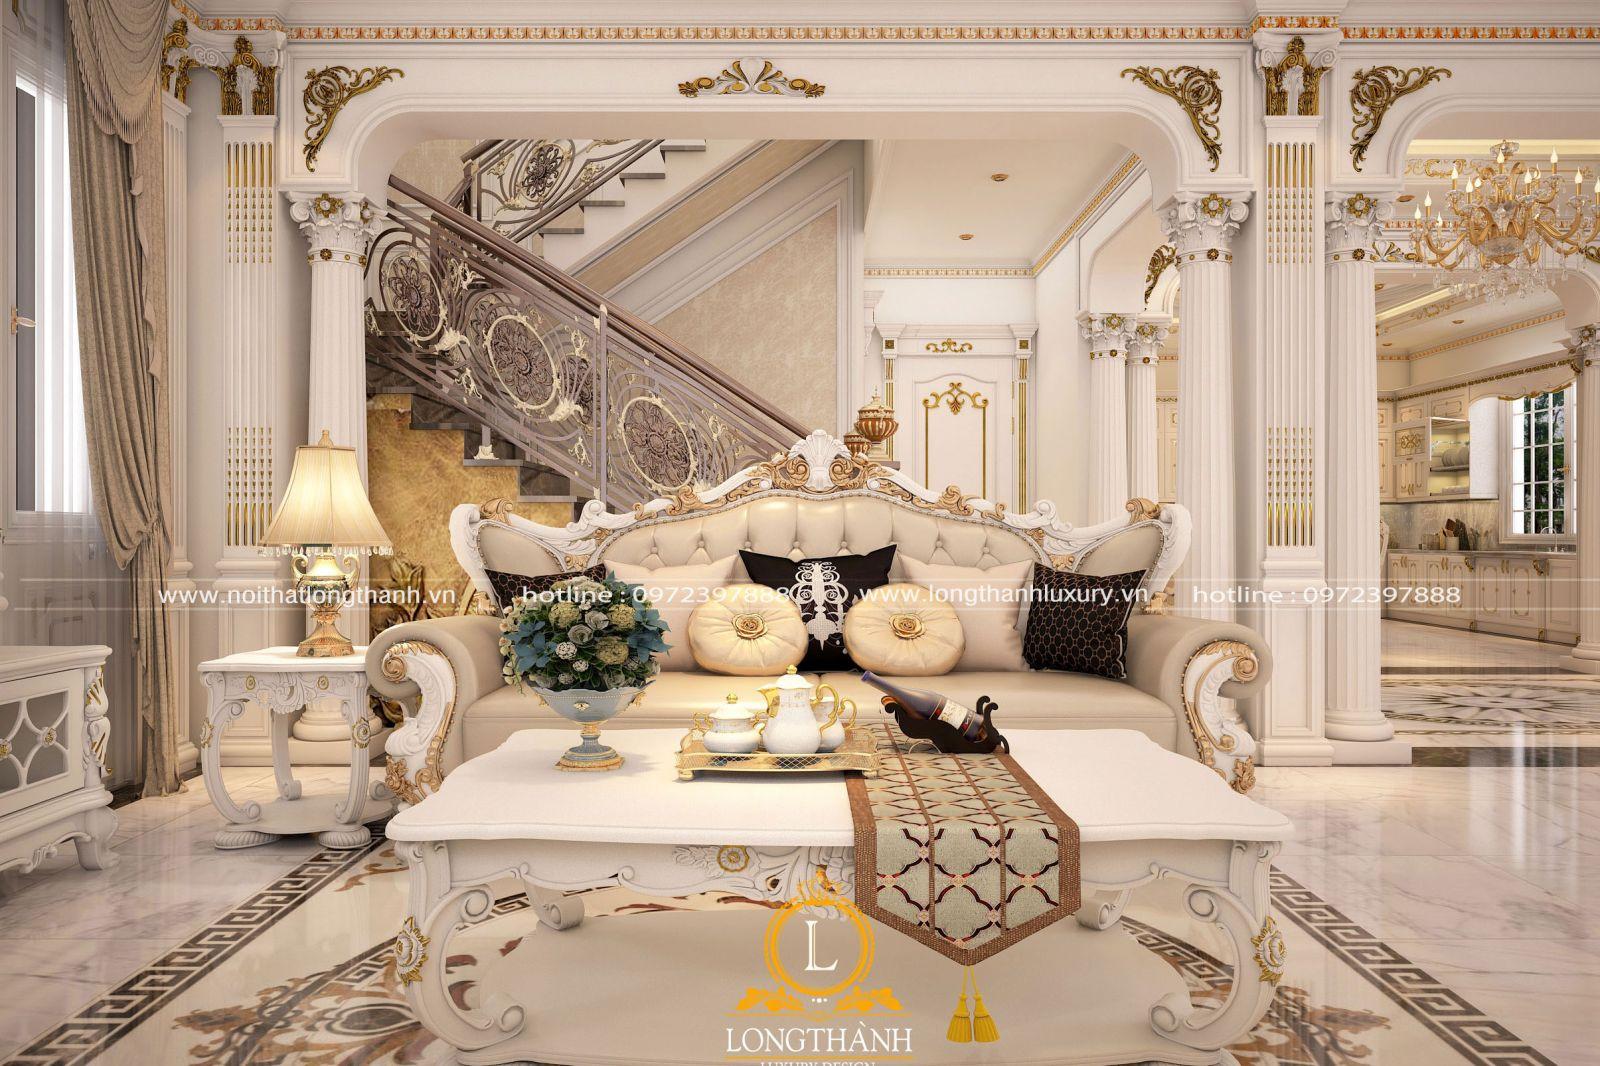 Nội thất tân cổ điển và thiết kế nội thất tân cổ điển cho nhà biệt thự